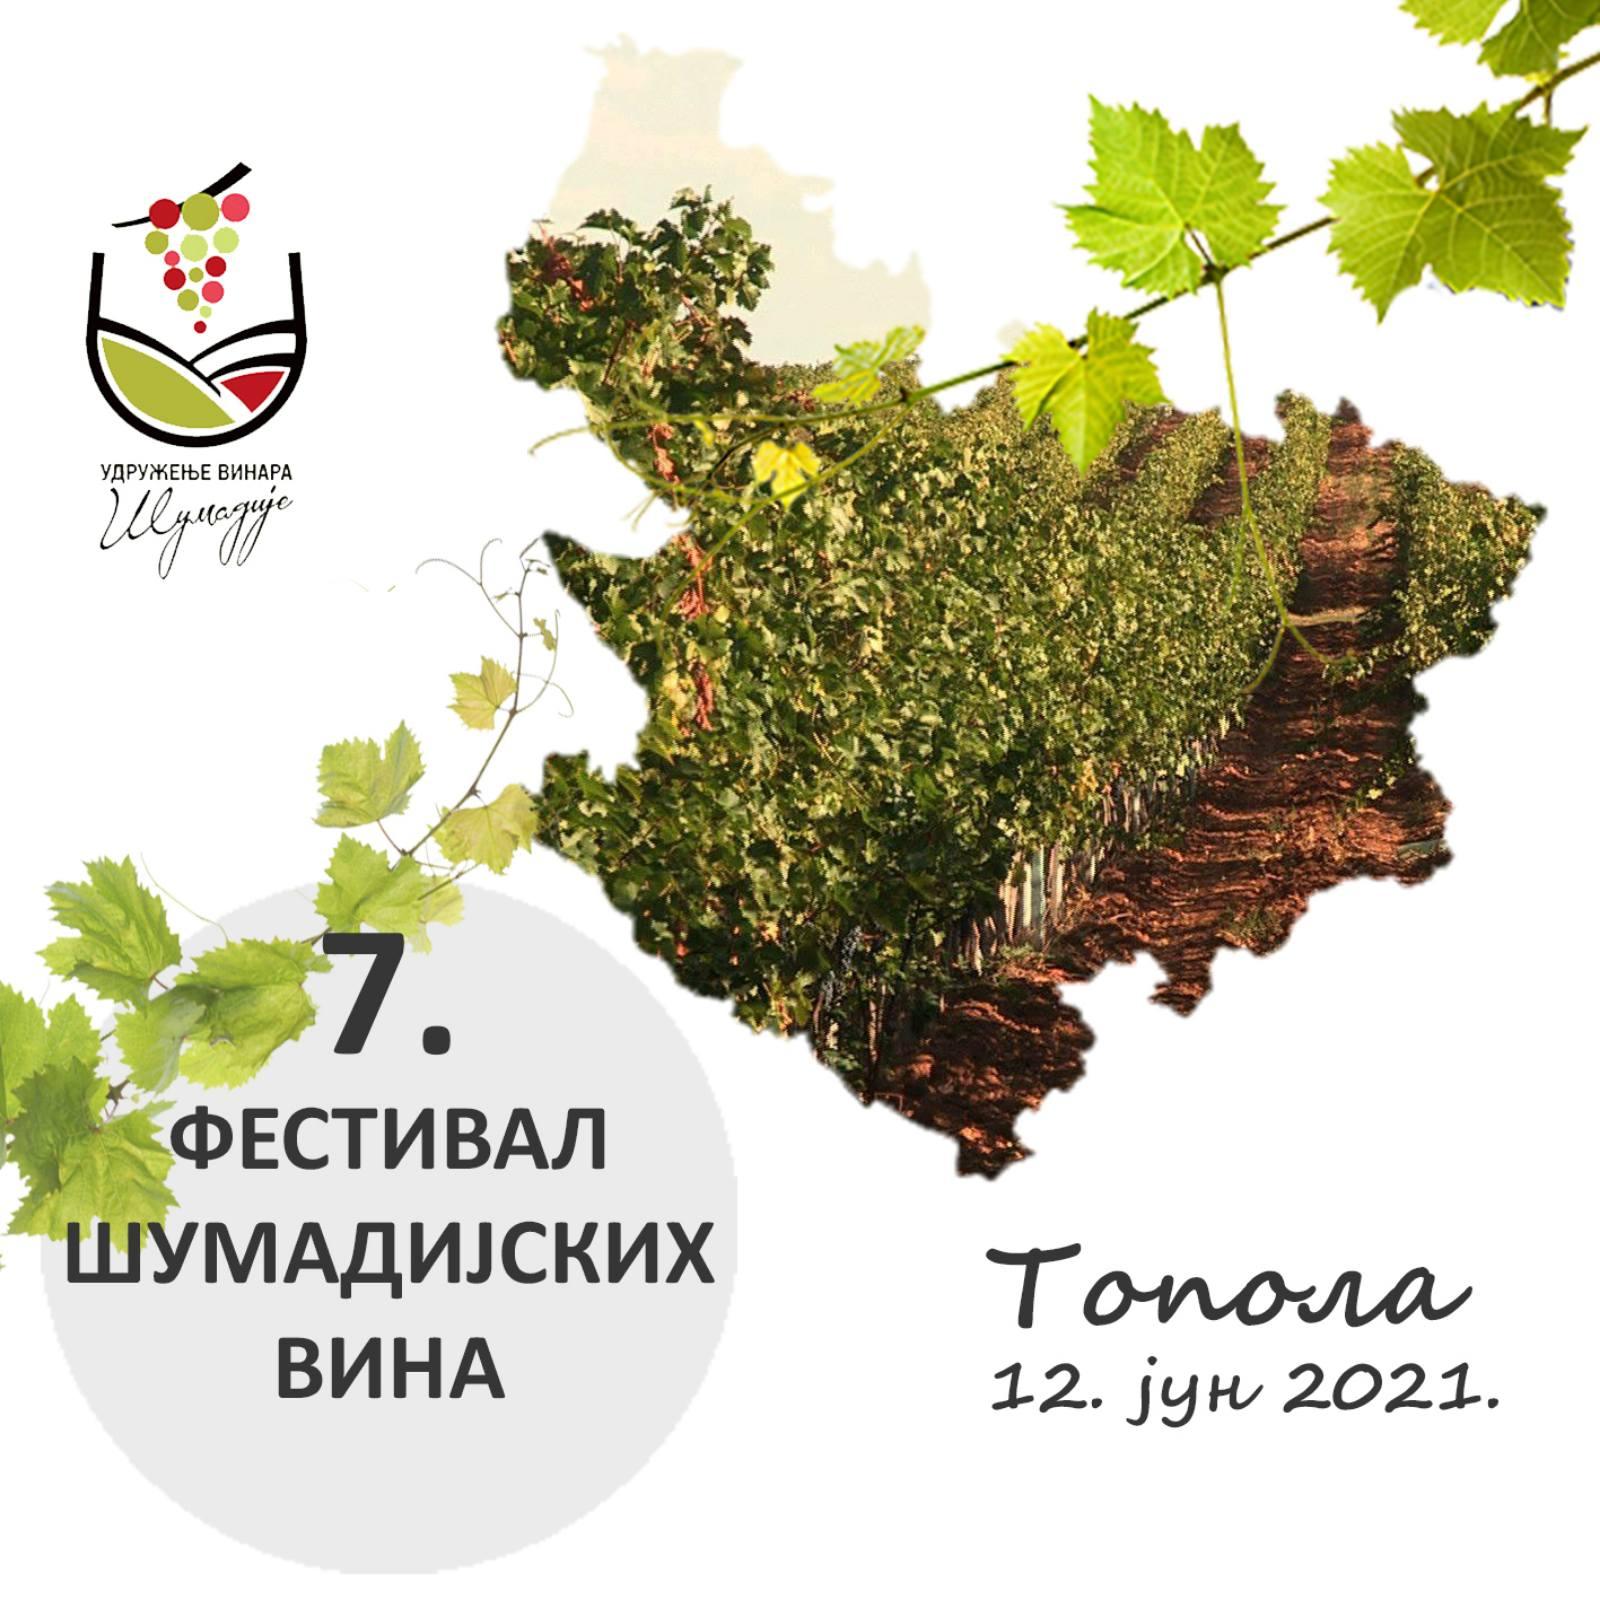 7. Festival šumadijskih vina